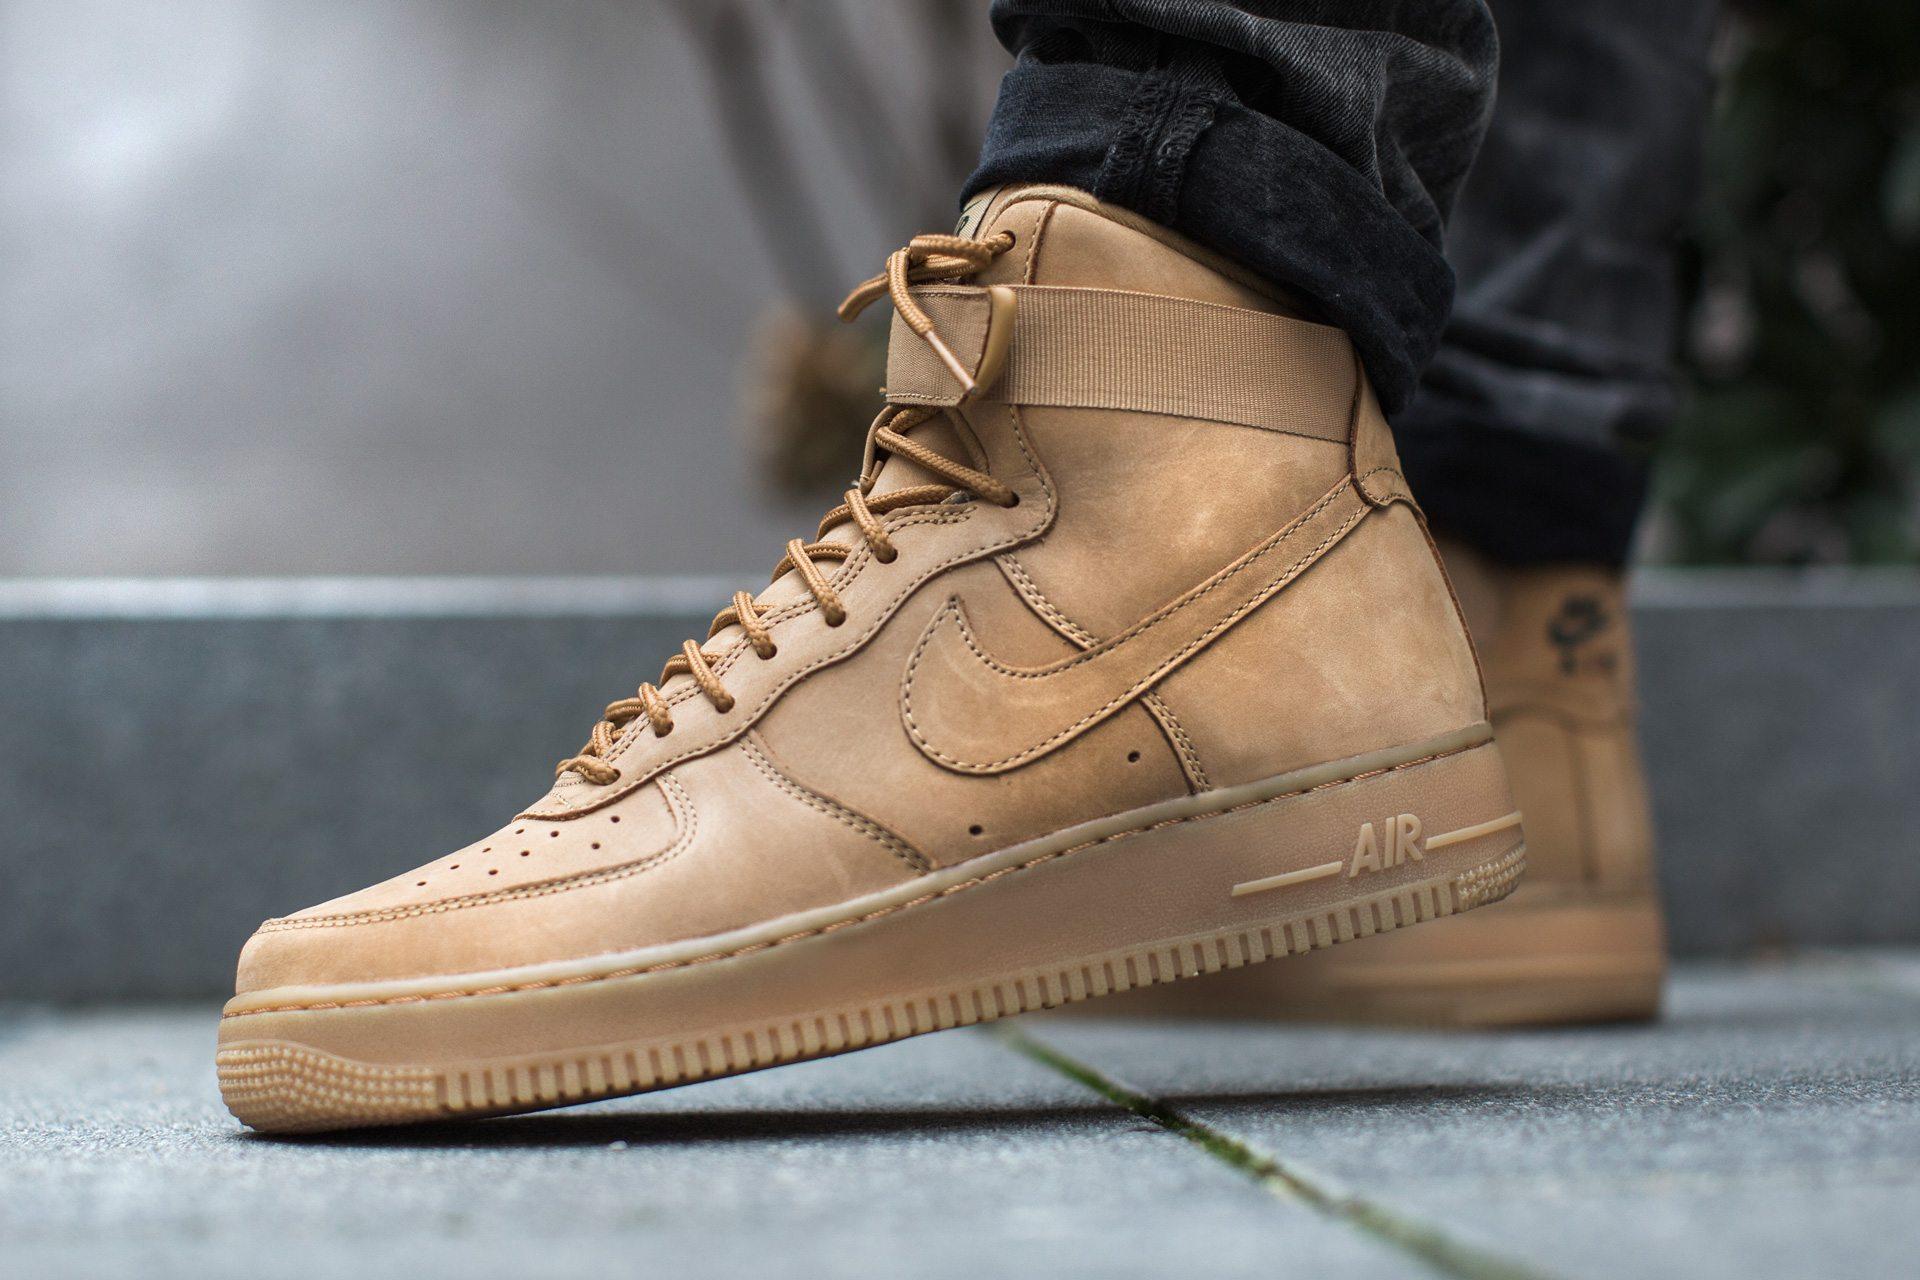 Nike Air Force 1 High Flax 1